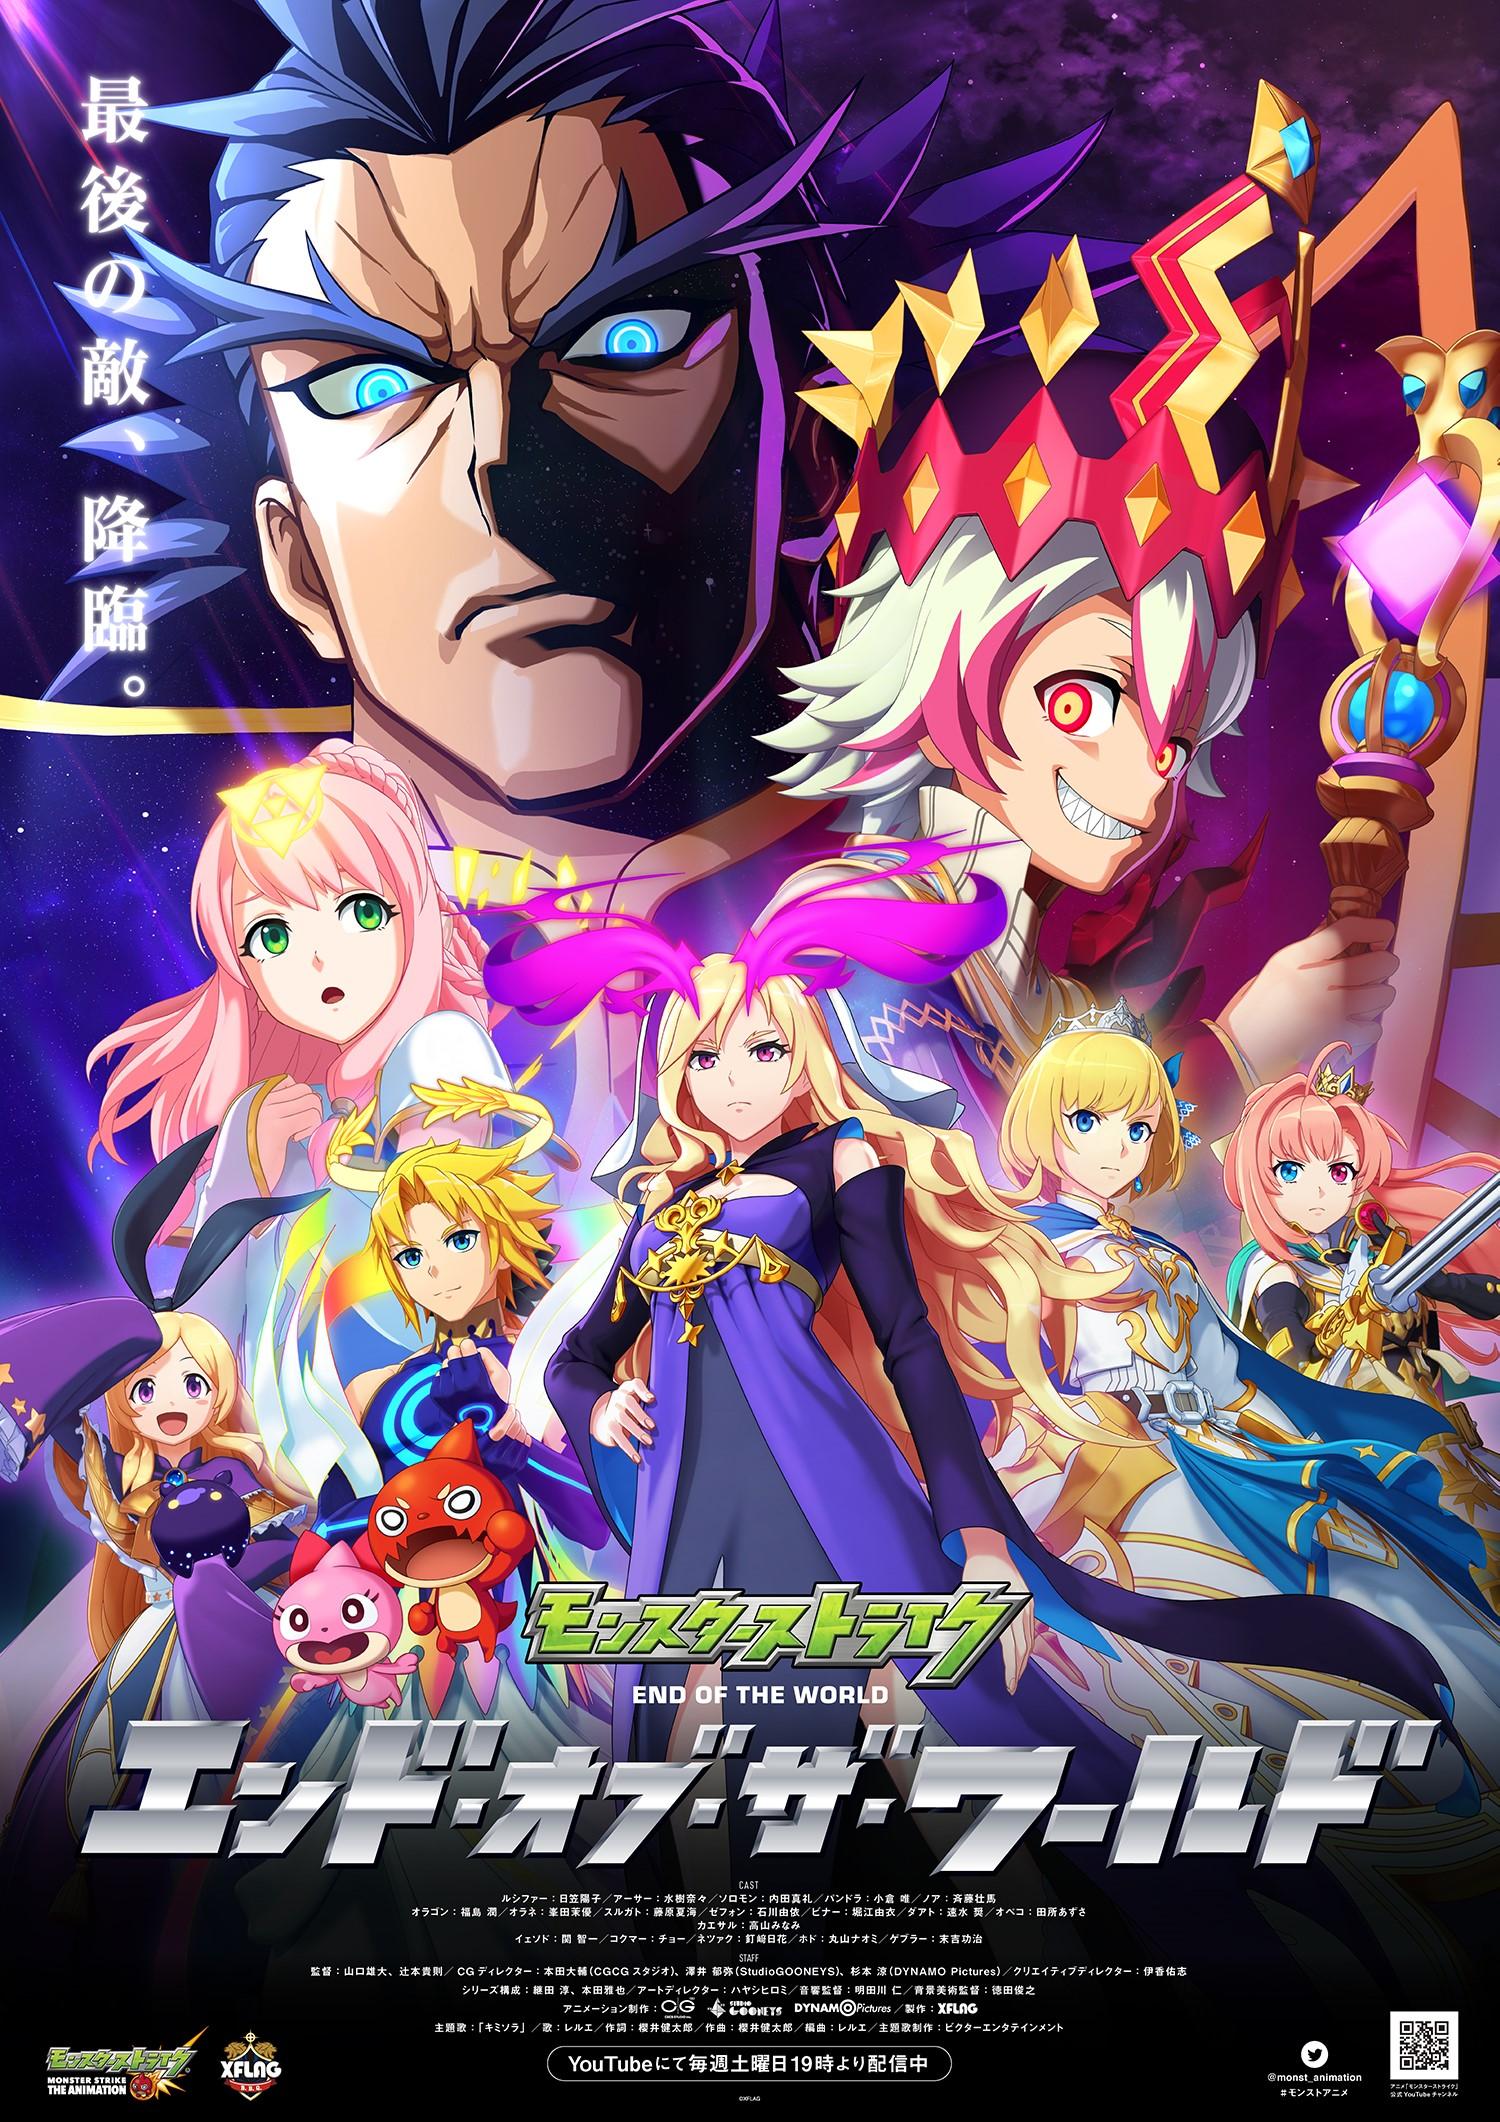 モンストアニメ最終章 エンド オブ ザ ワールド いよいよ11 30